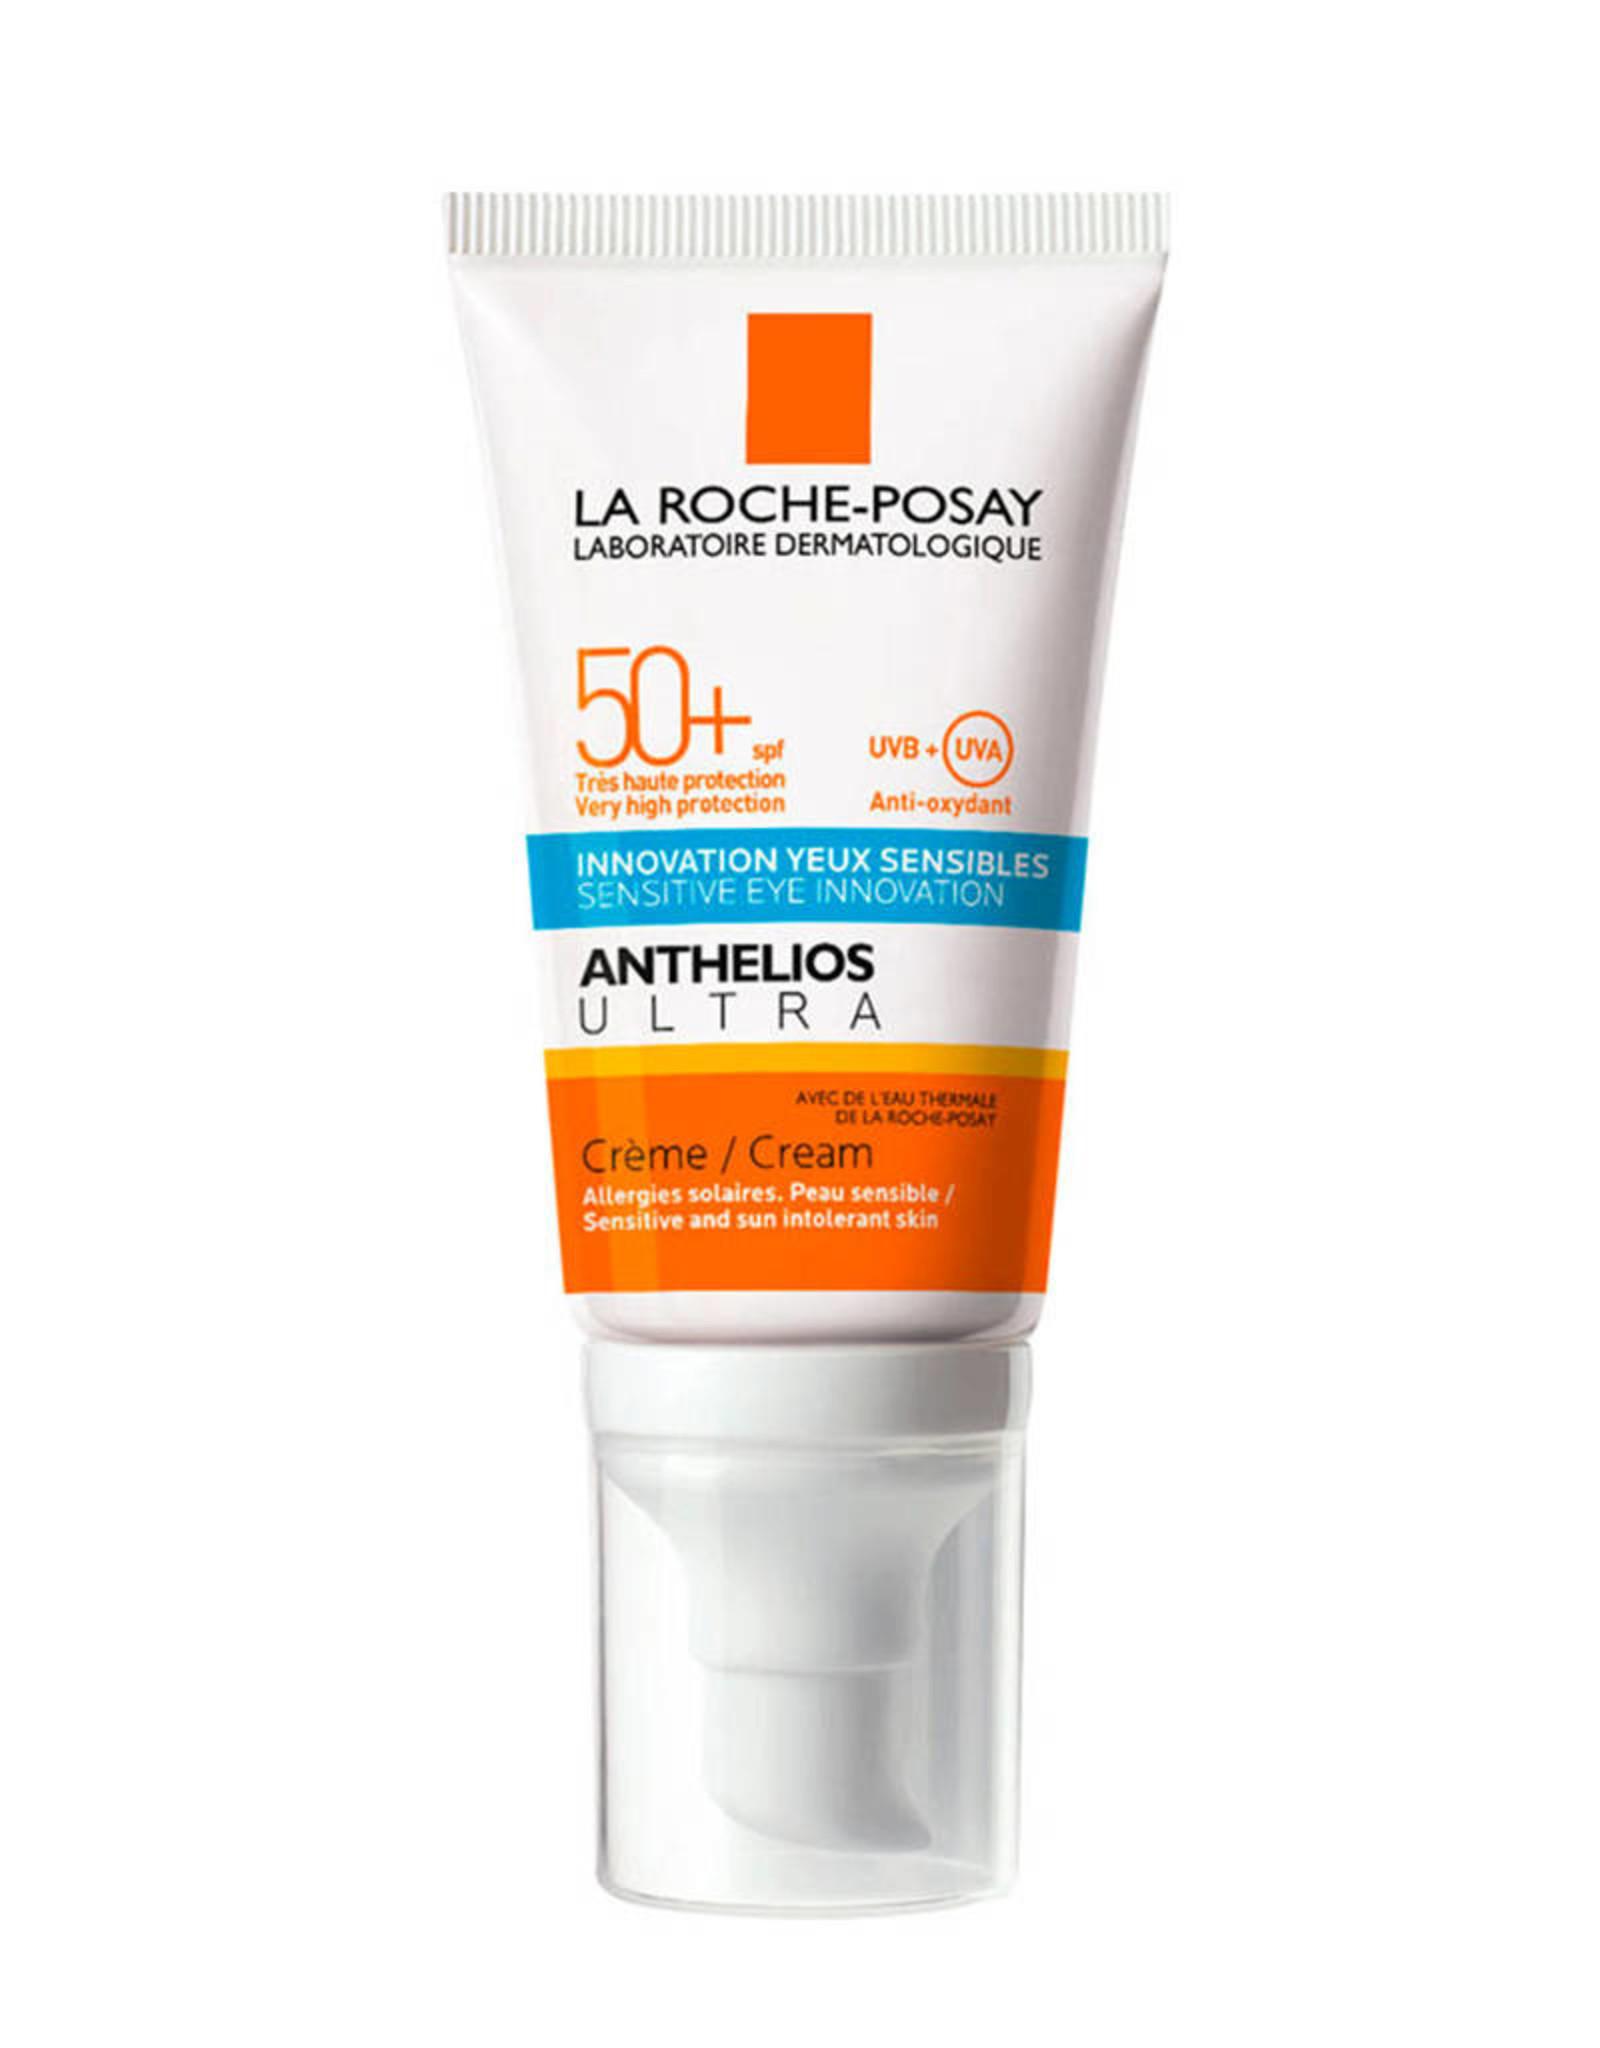 La Roche Posay Anthelios Ultra creme Gevoelige ogen SPF50+ 50ml